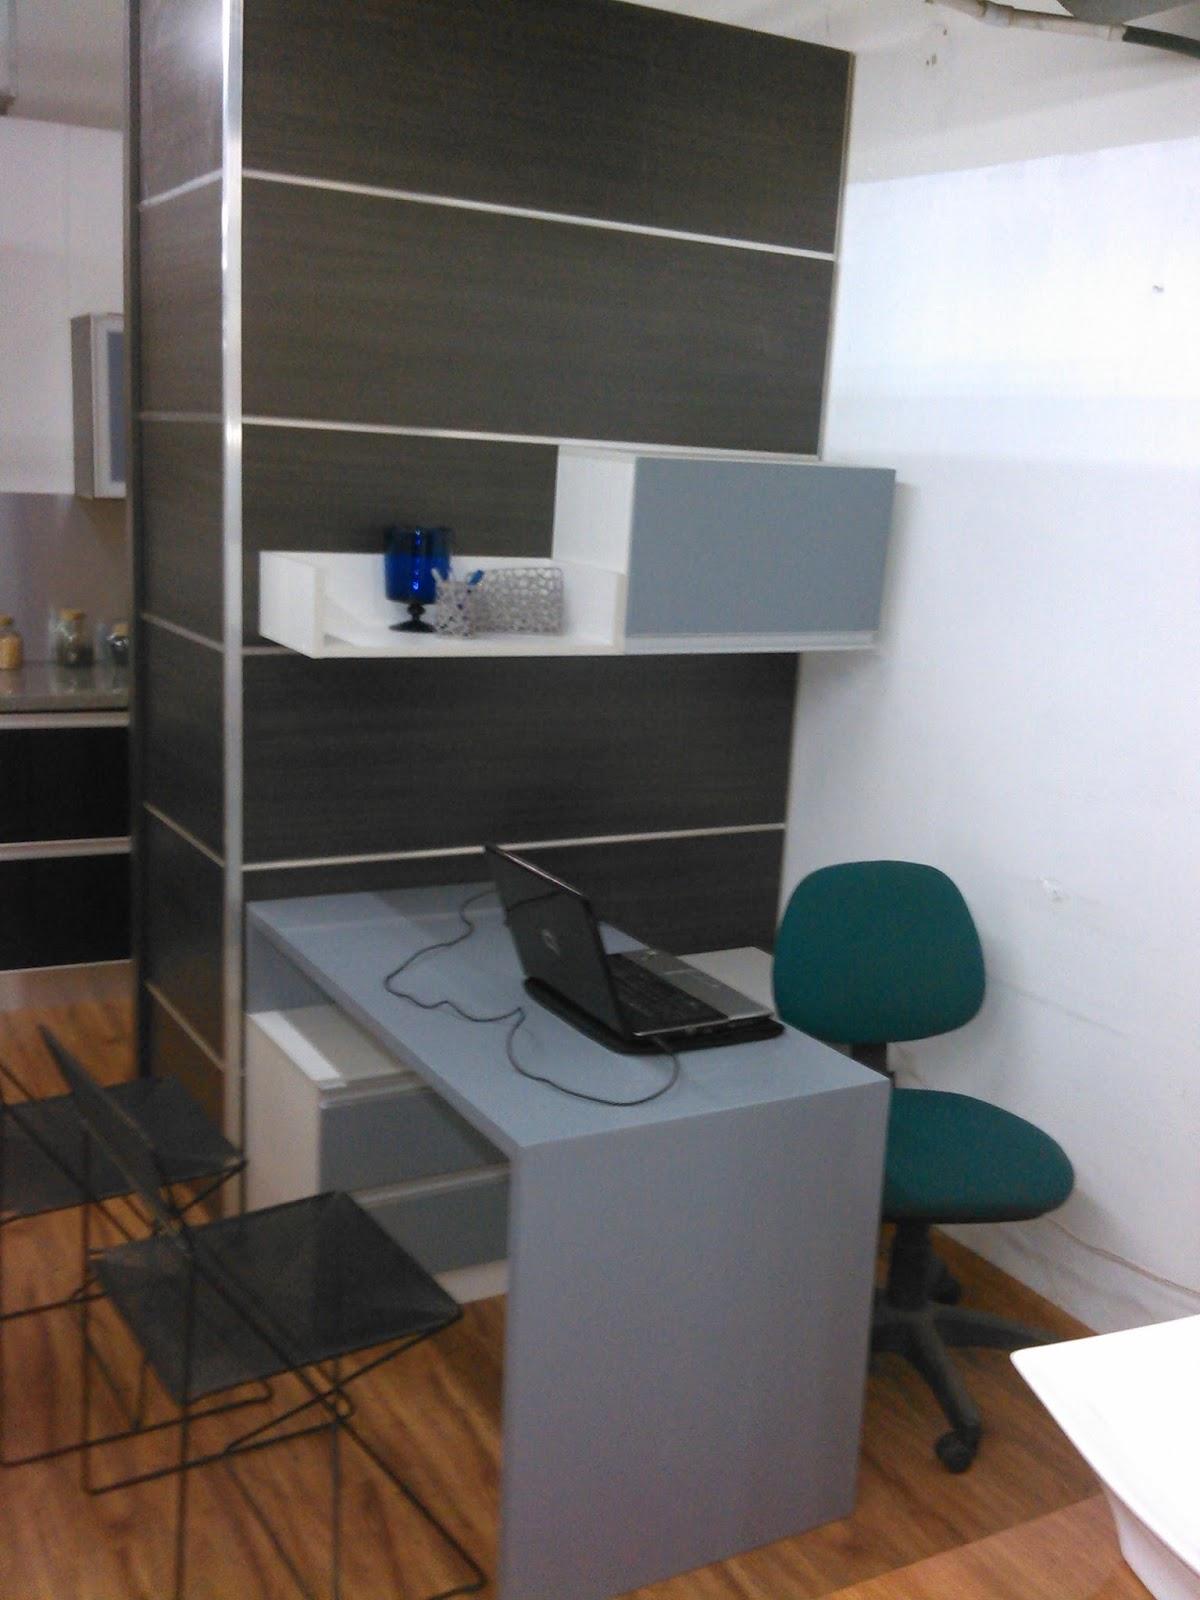 Dise o de muebles de oficina for Muebles oficina diseno